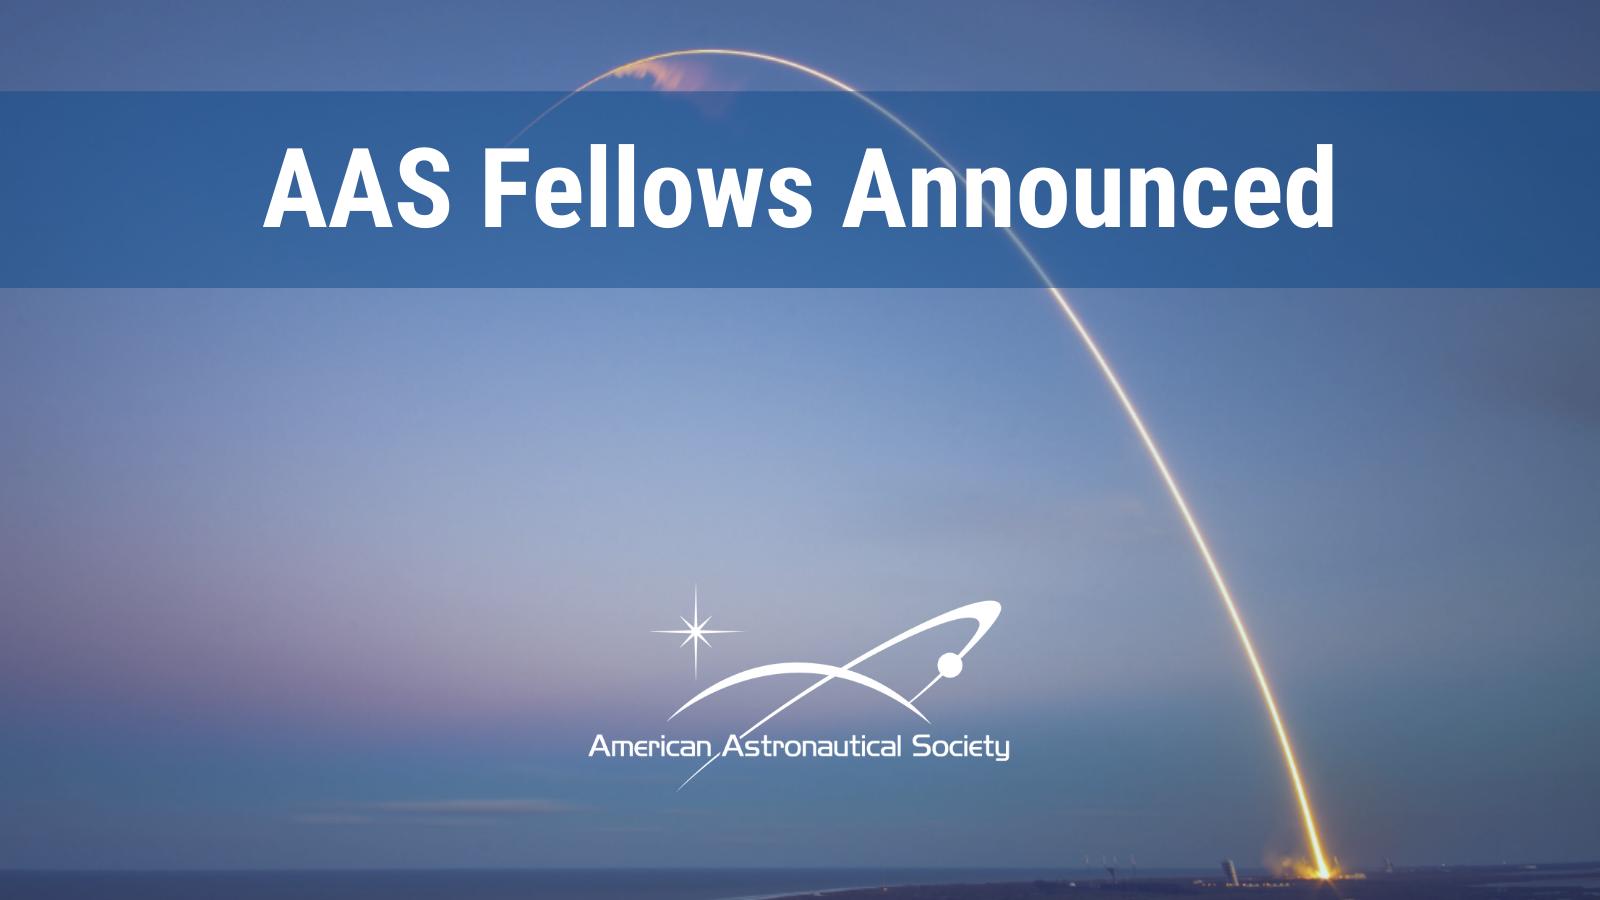 AAS Fellows Announced